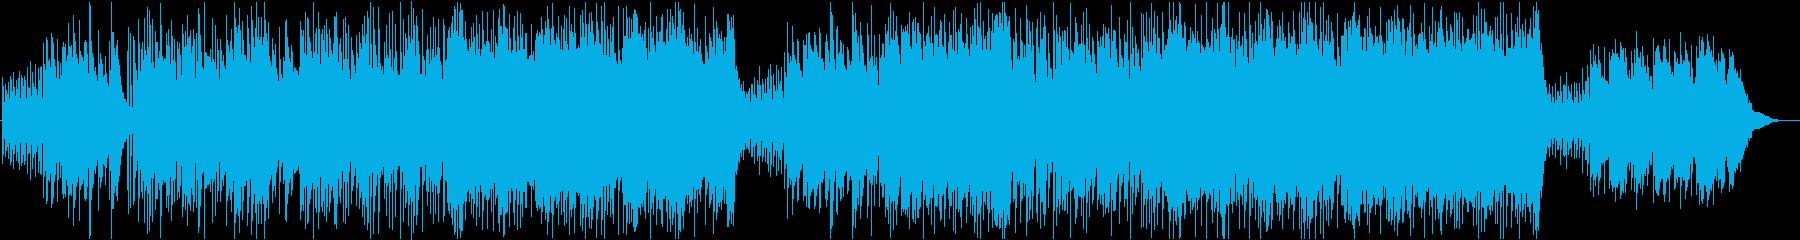 ノスタルジックなアコースティック曲の再生済みの波形